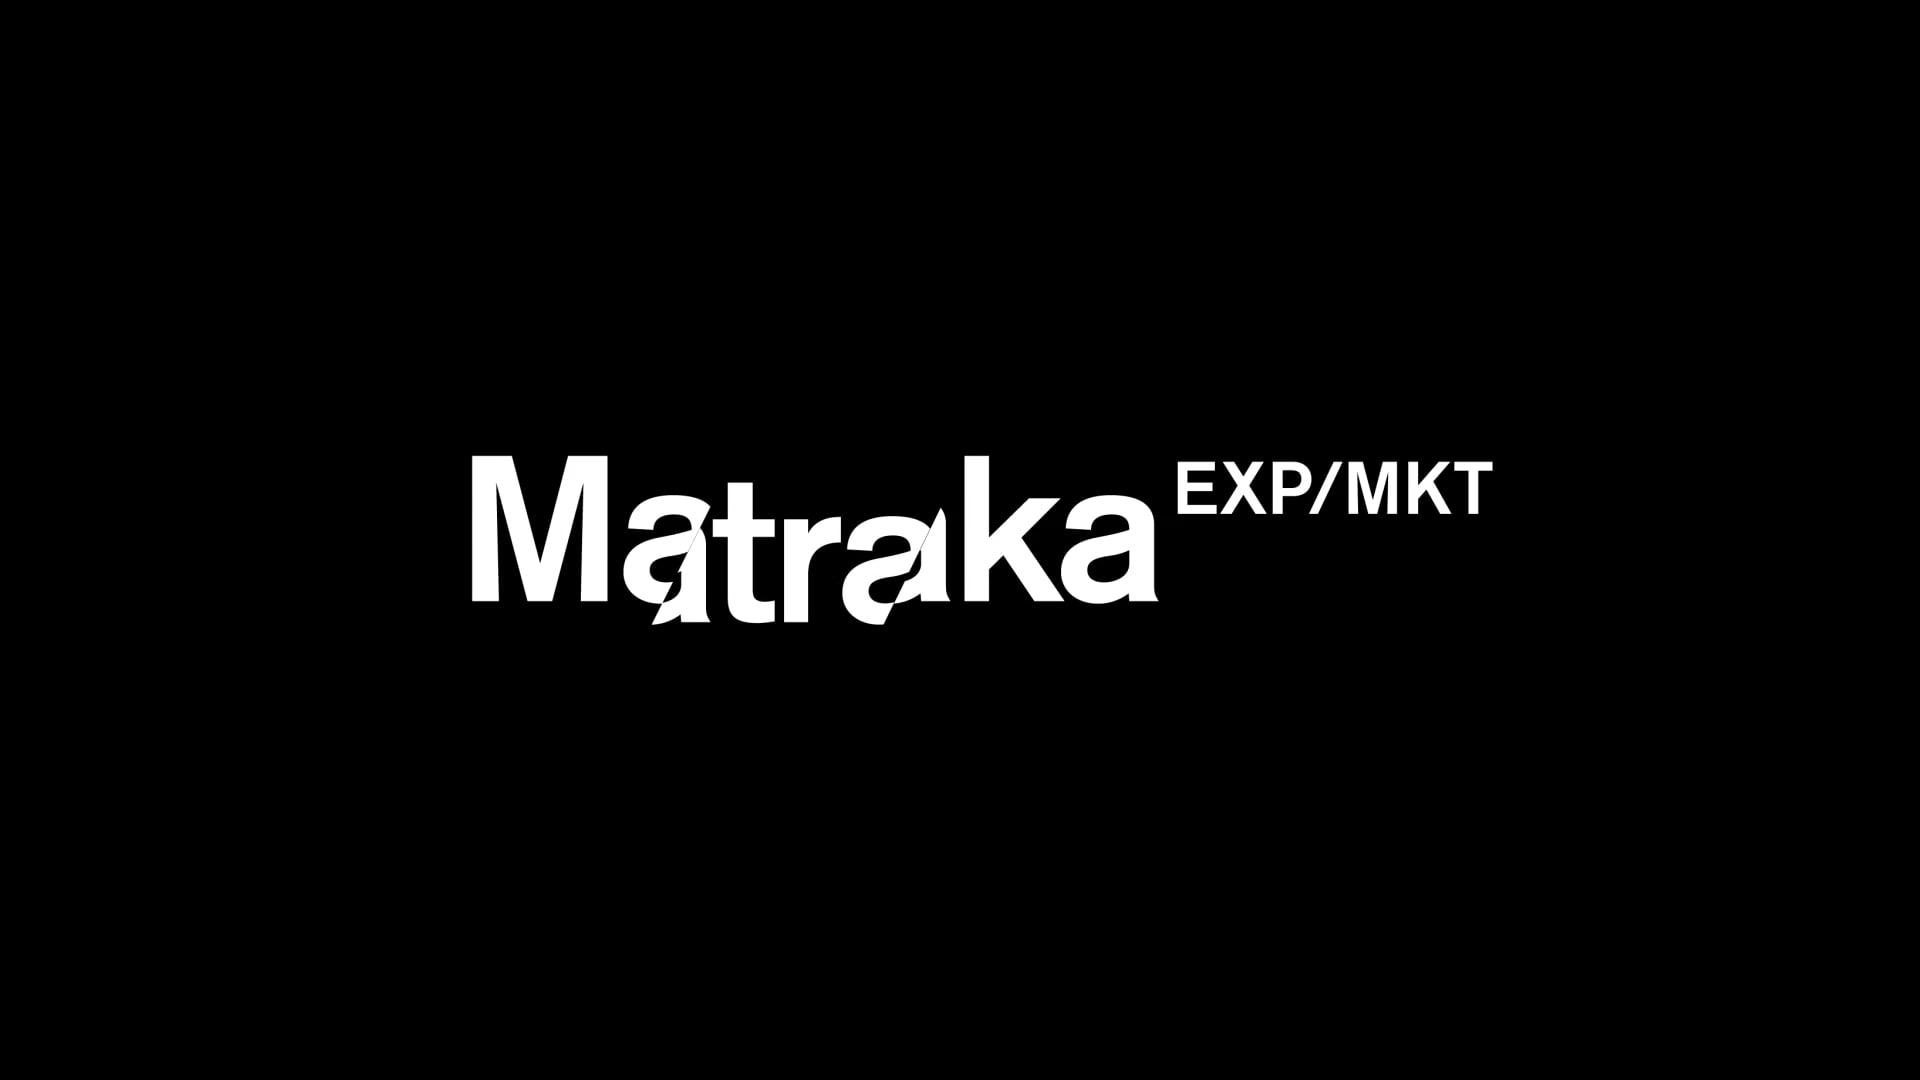 Agencia Matraka  EXP / MKT